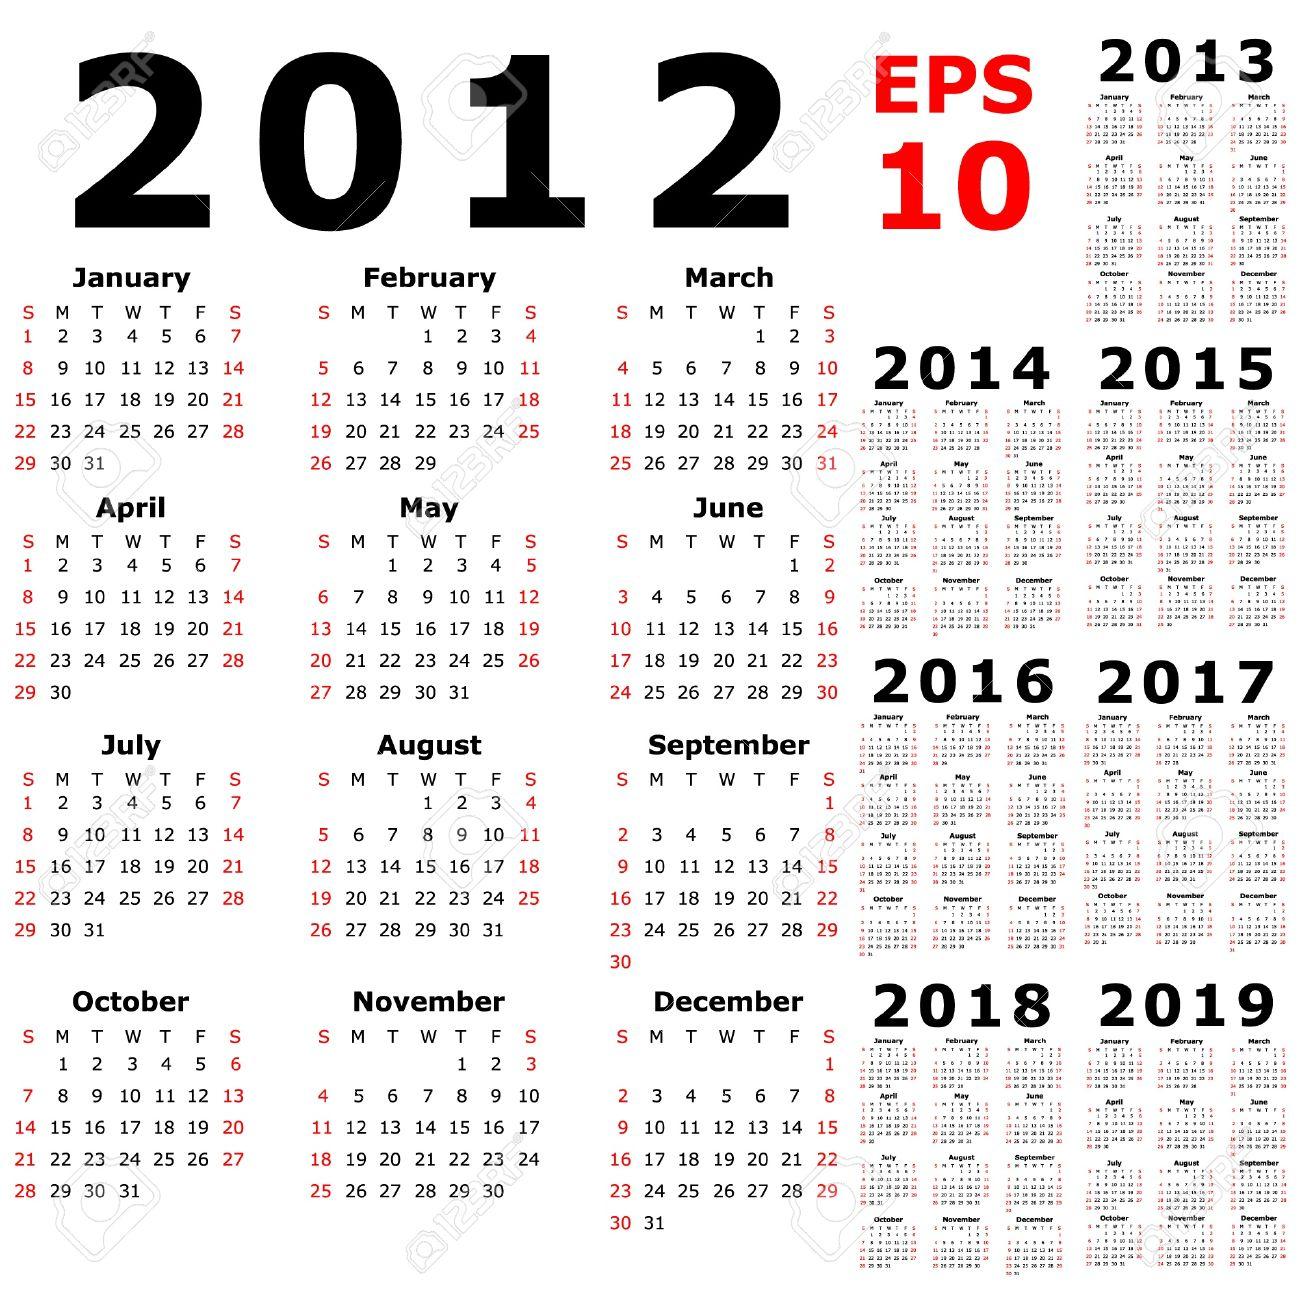 basic calendar 2012 2013 2014 2015 2016 2017 2018 2019